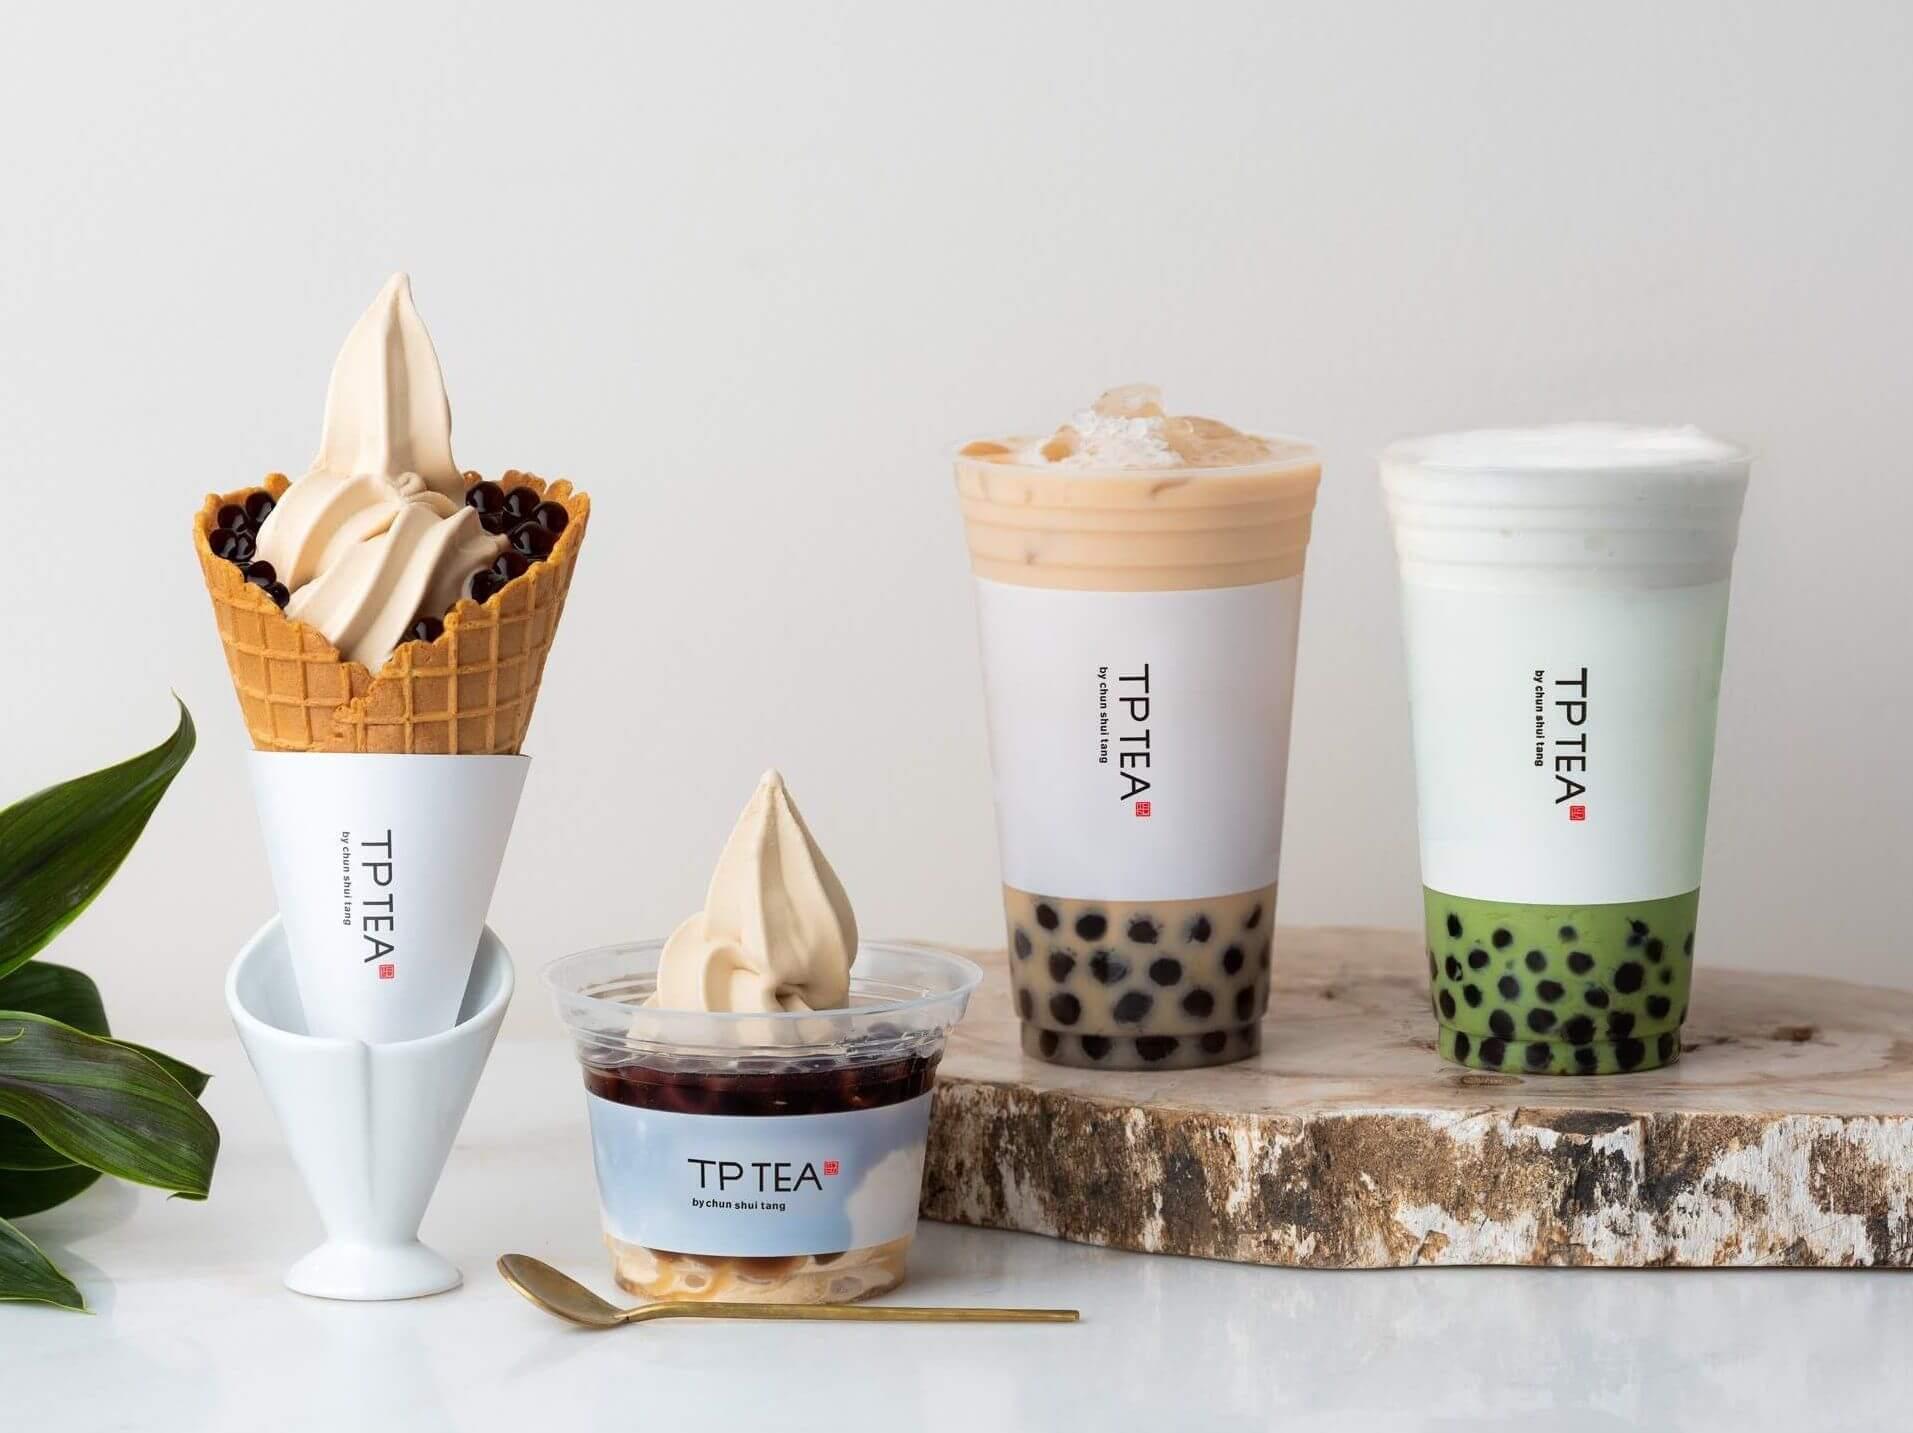 「春水堂」旗下茶飲外帶專賣店「茶湯會TP TEA」於新宿開幕!日本限定口味登場